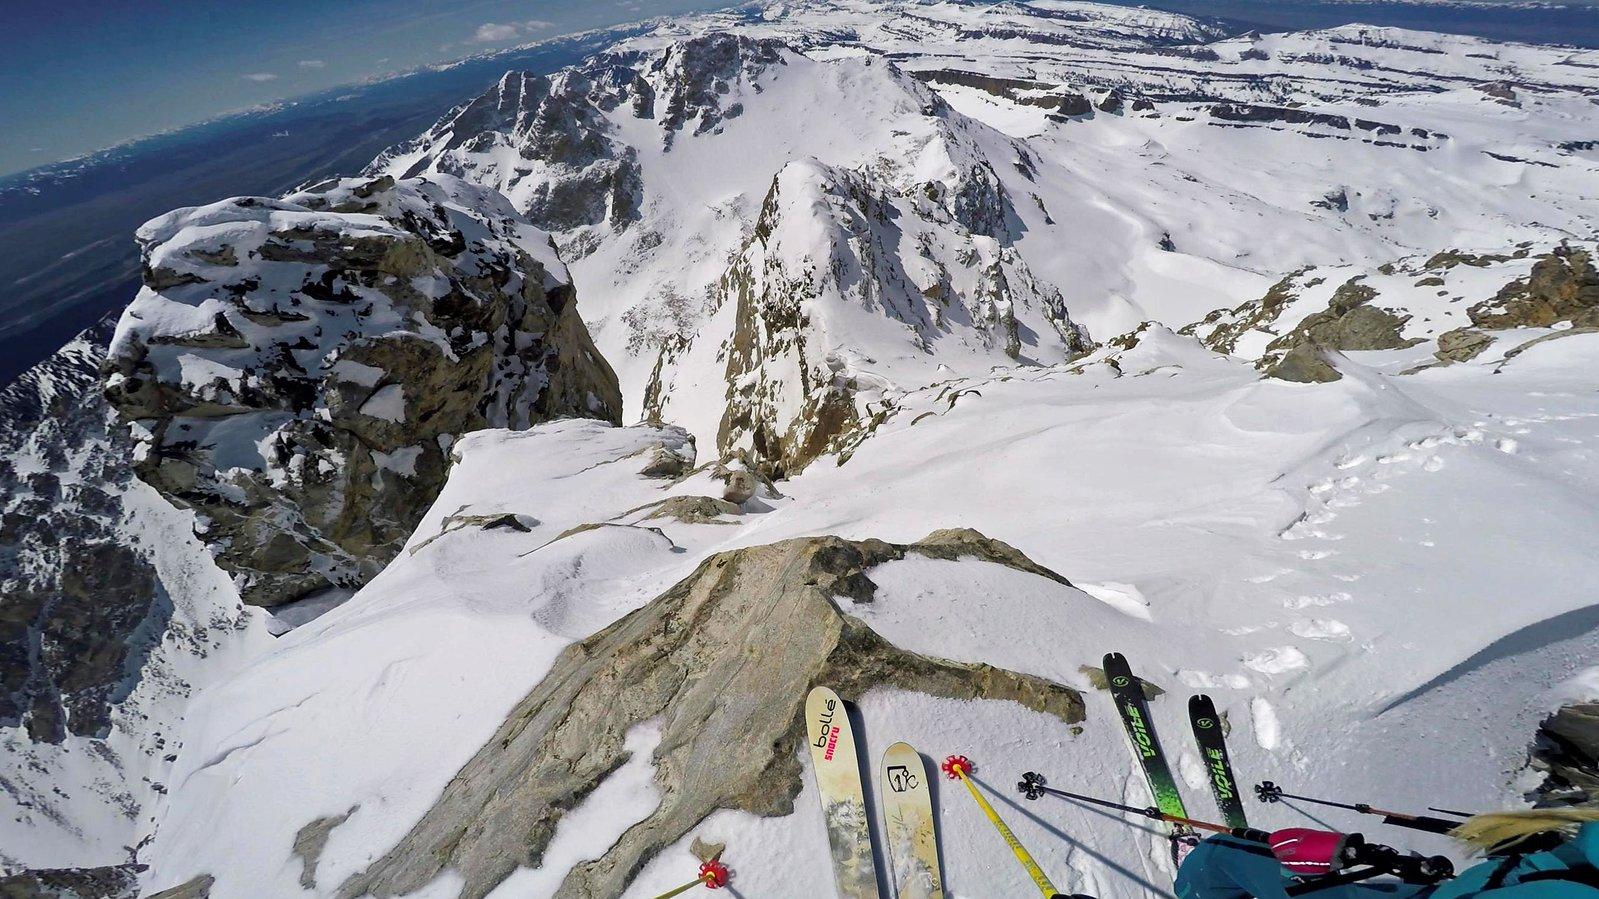 Summit of Middle Teton